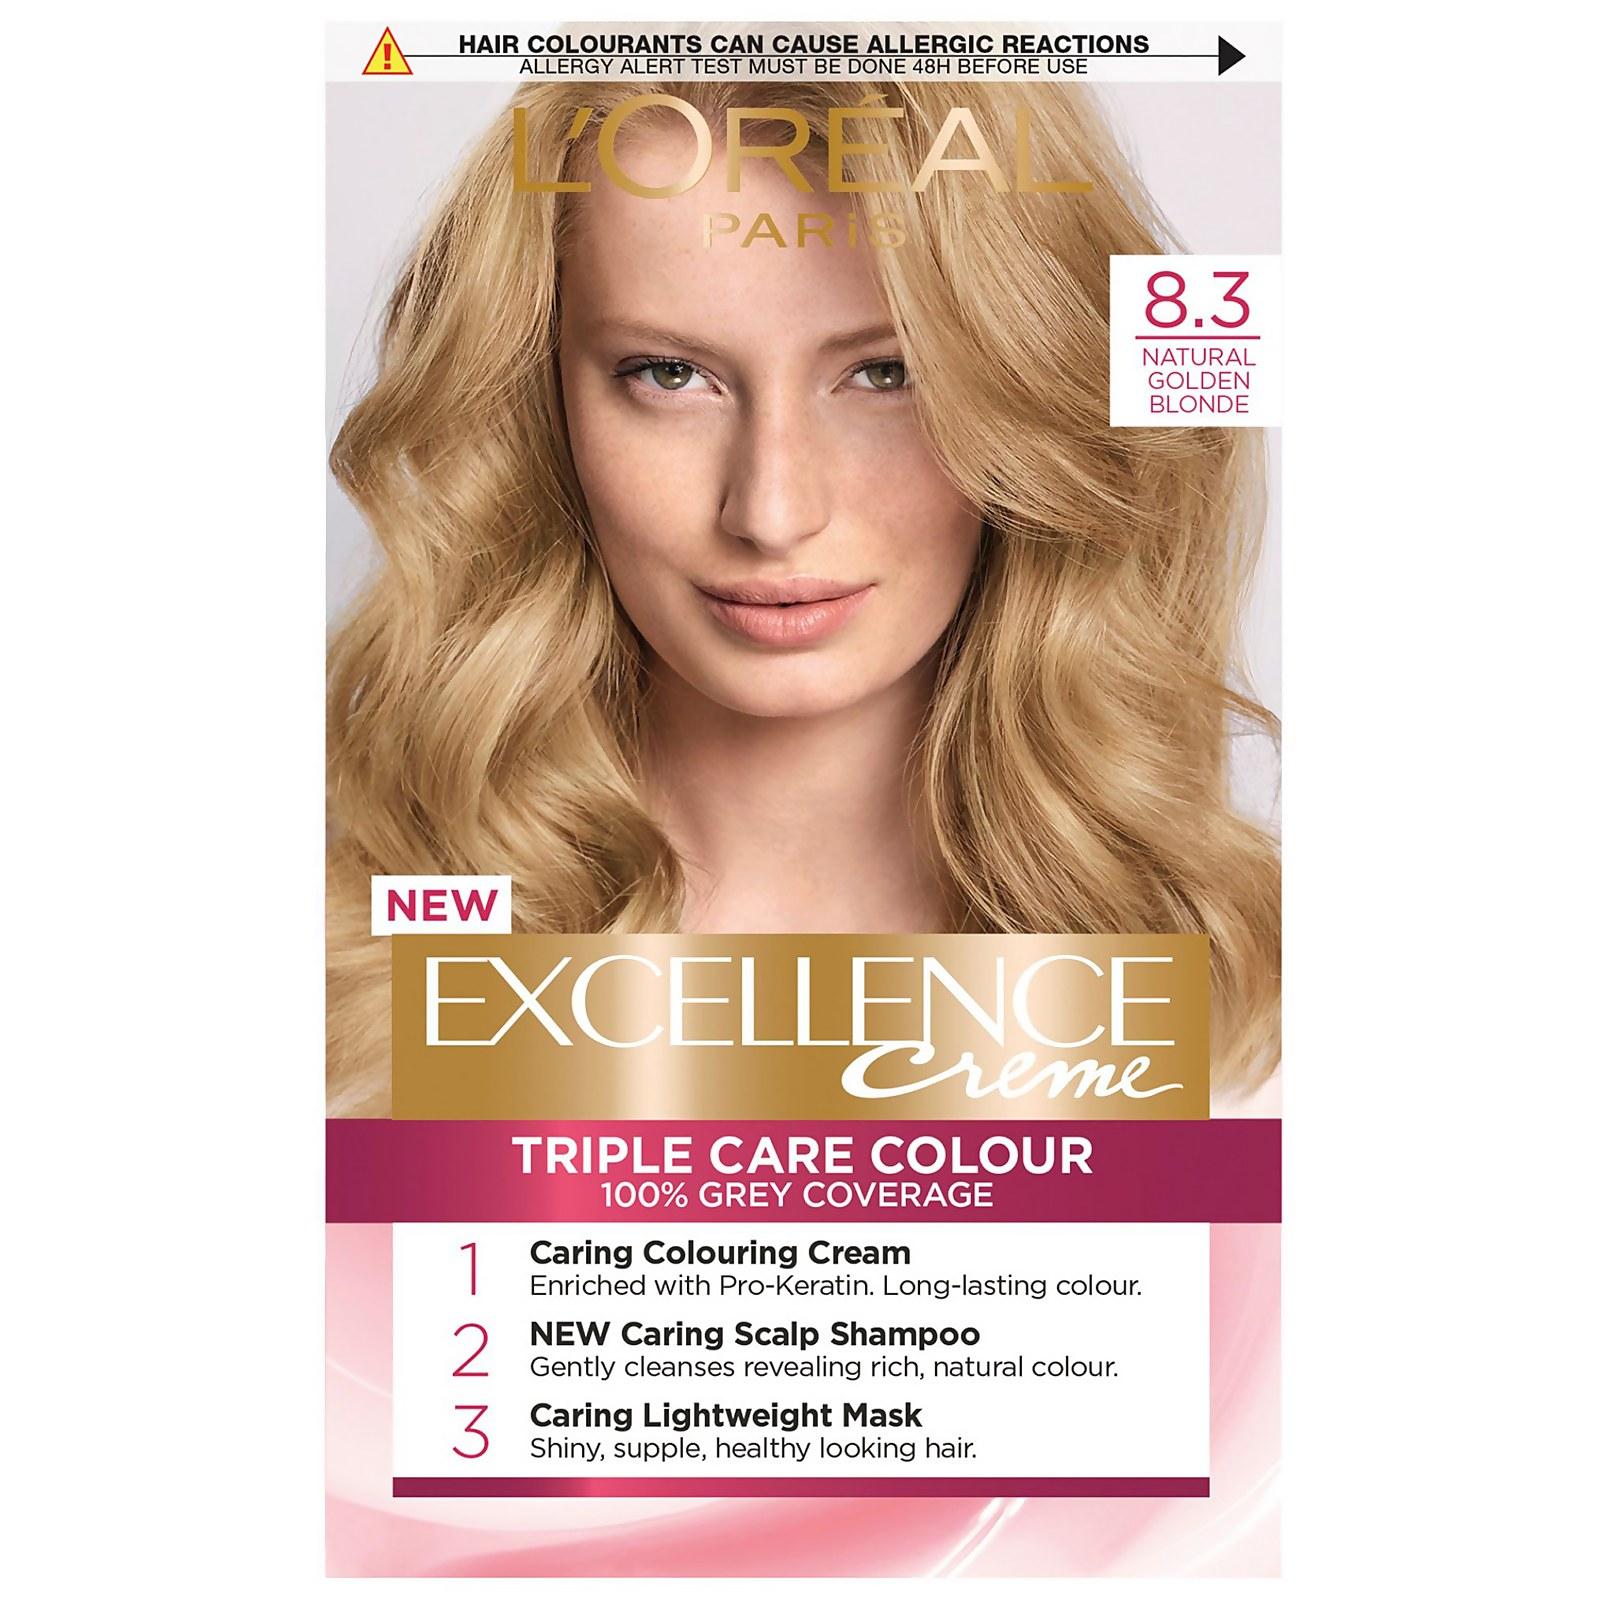 L'Oréal Paris Excellence Crème Permanent Hair Dye (Various Shades) - 8.3 Natural Golden Blonde